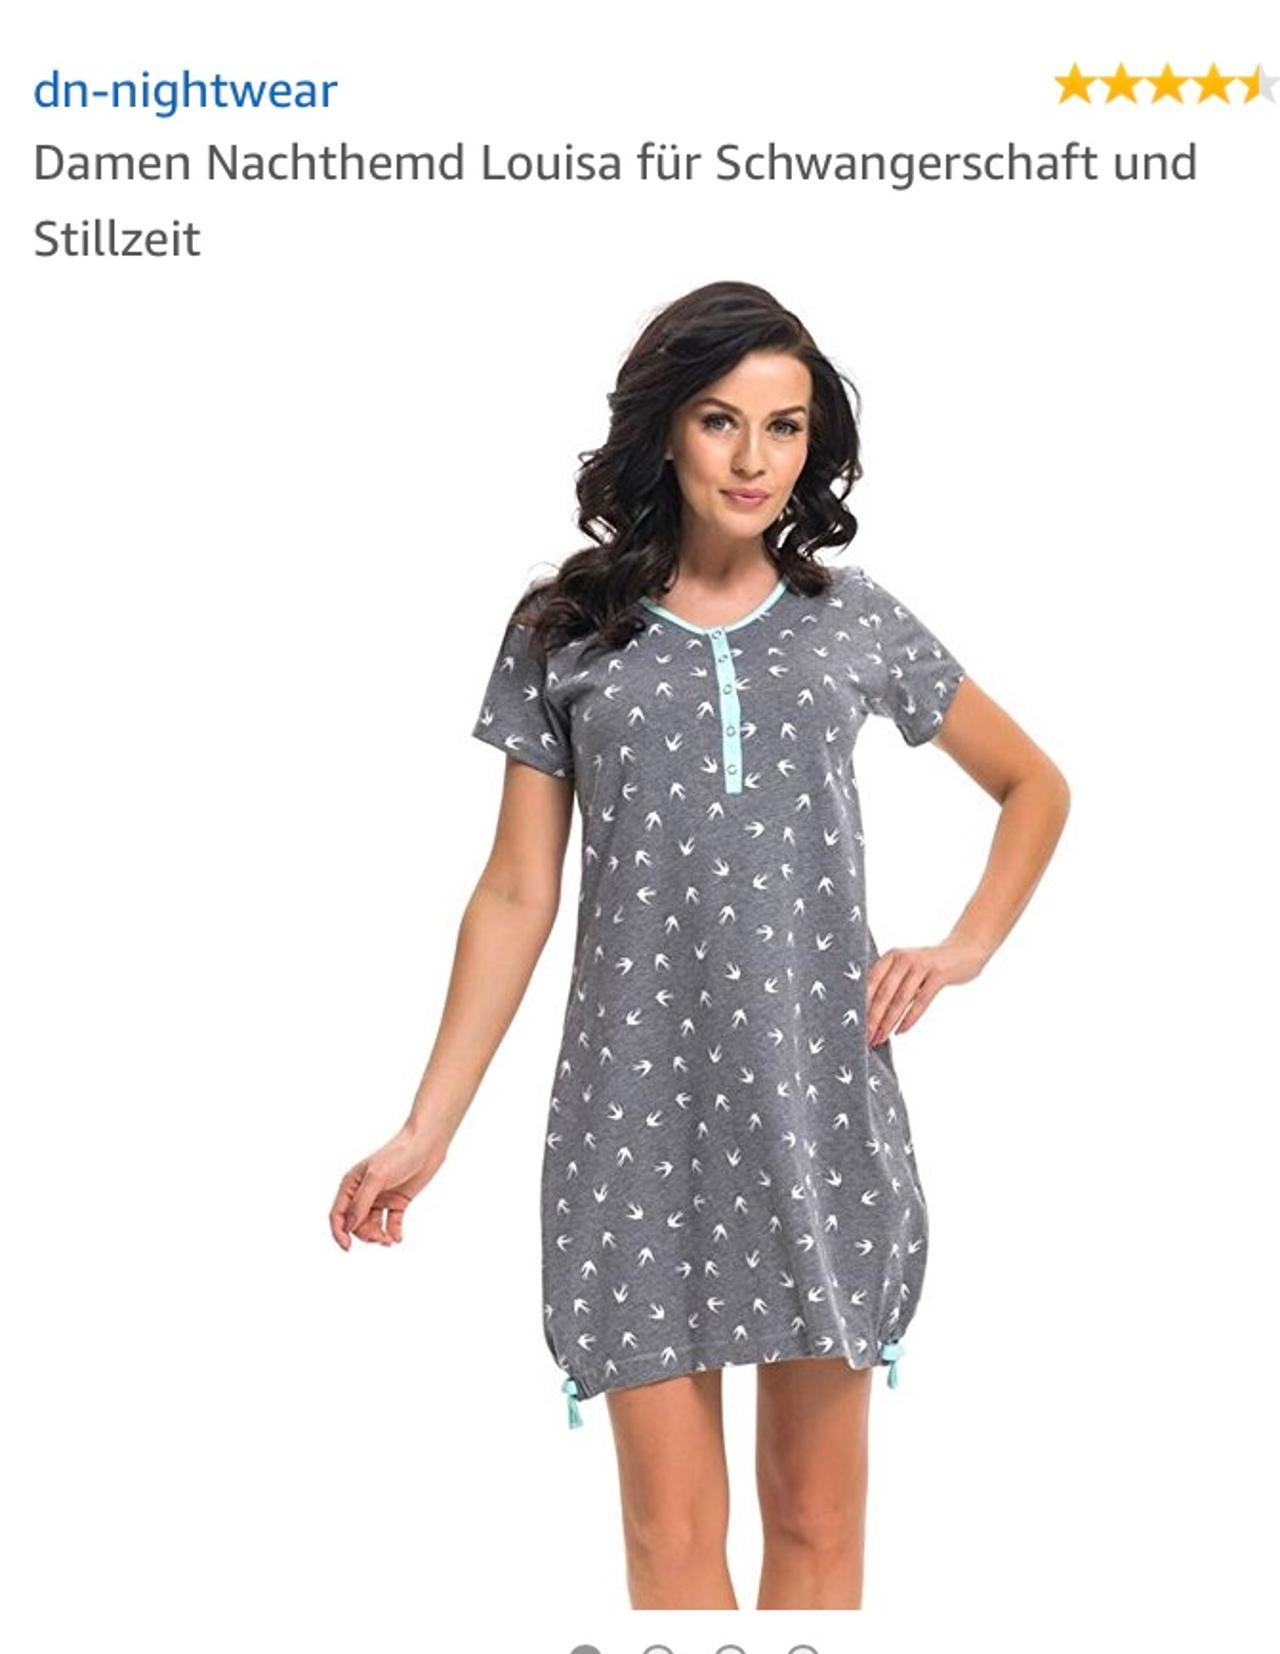 dn-nightwear Damen Nachthemd Louisa f/ür Schwangerschaft und Stillzeit